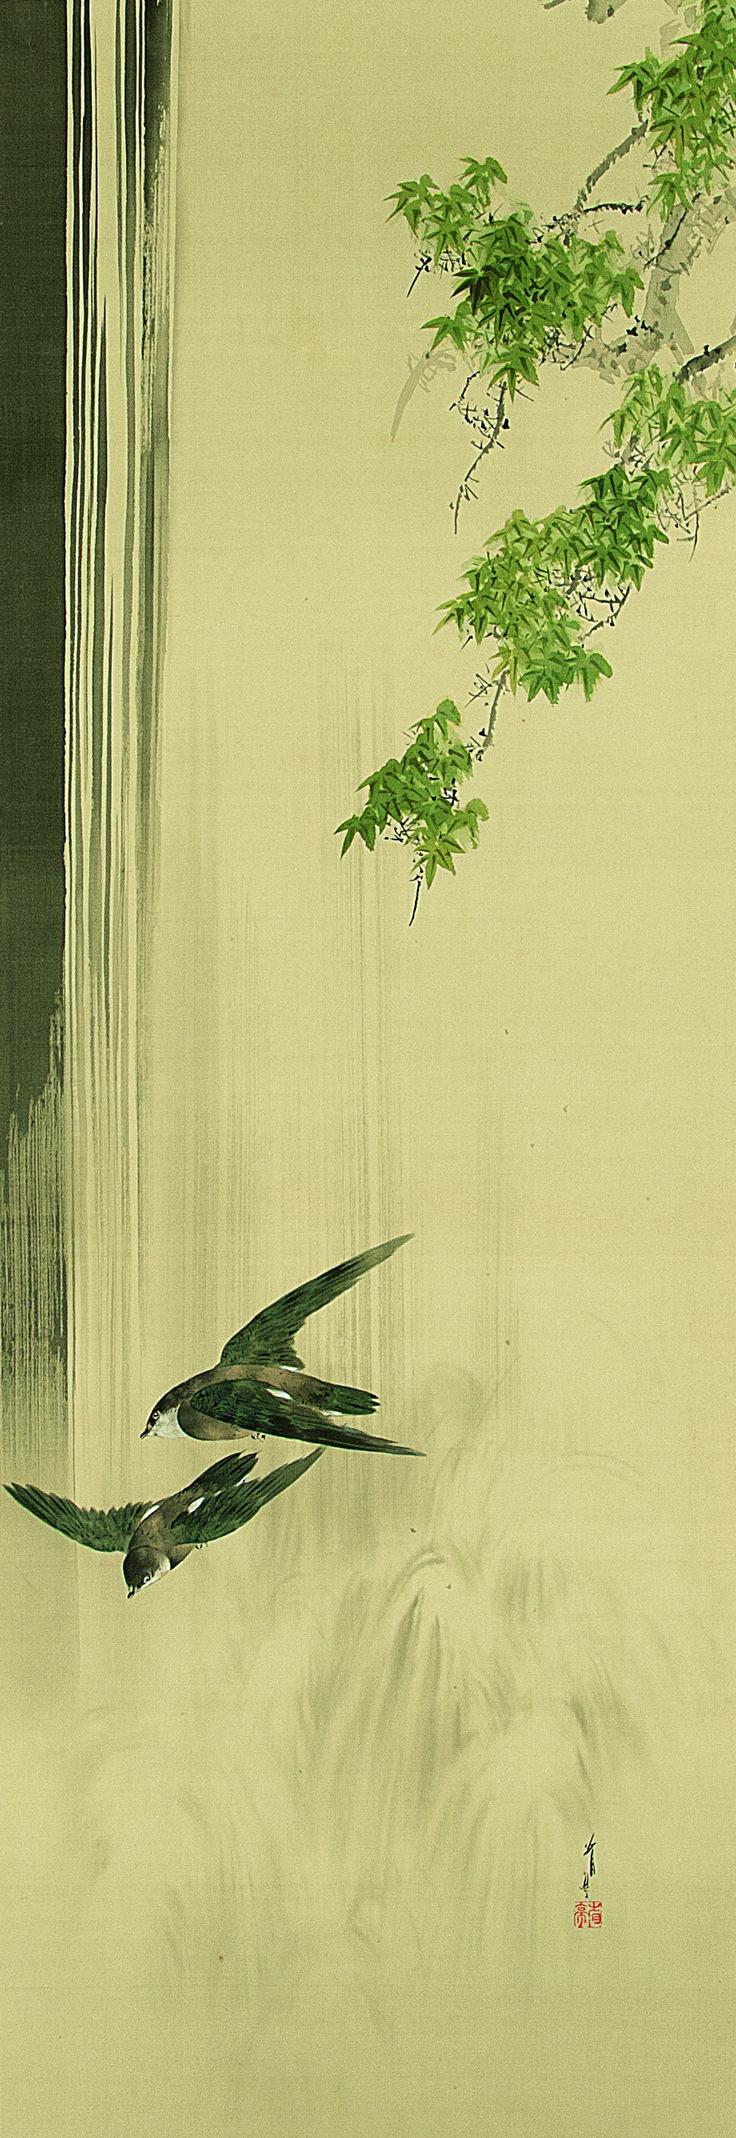 洋風表現を取り入れた、洒脱な花鳥画が特徴 蘇る!孤高の神絵師 渡辺省亭展を3月18日~4月9日まで開催|プレスリリース配信サービス【@Press:アットプレス】